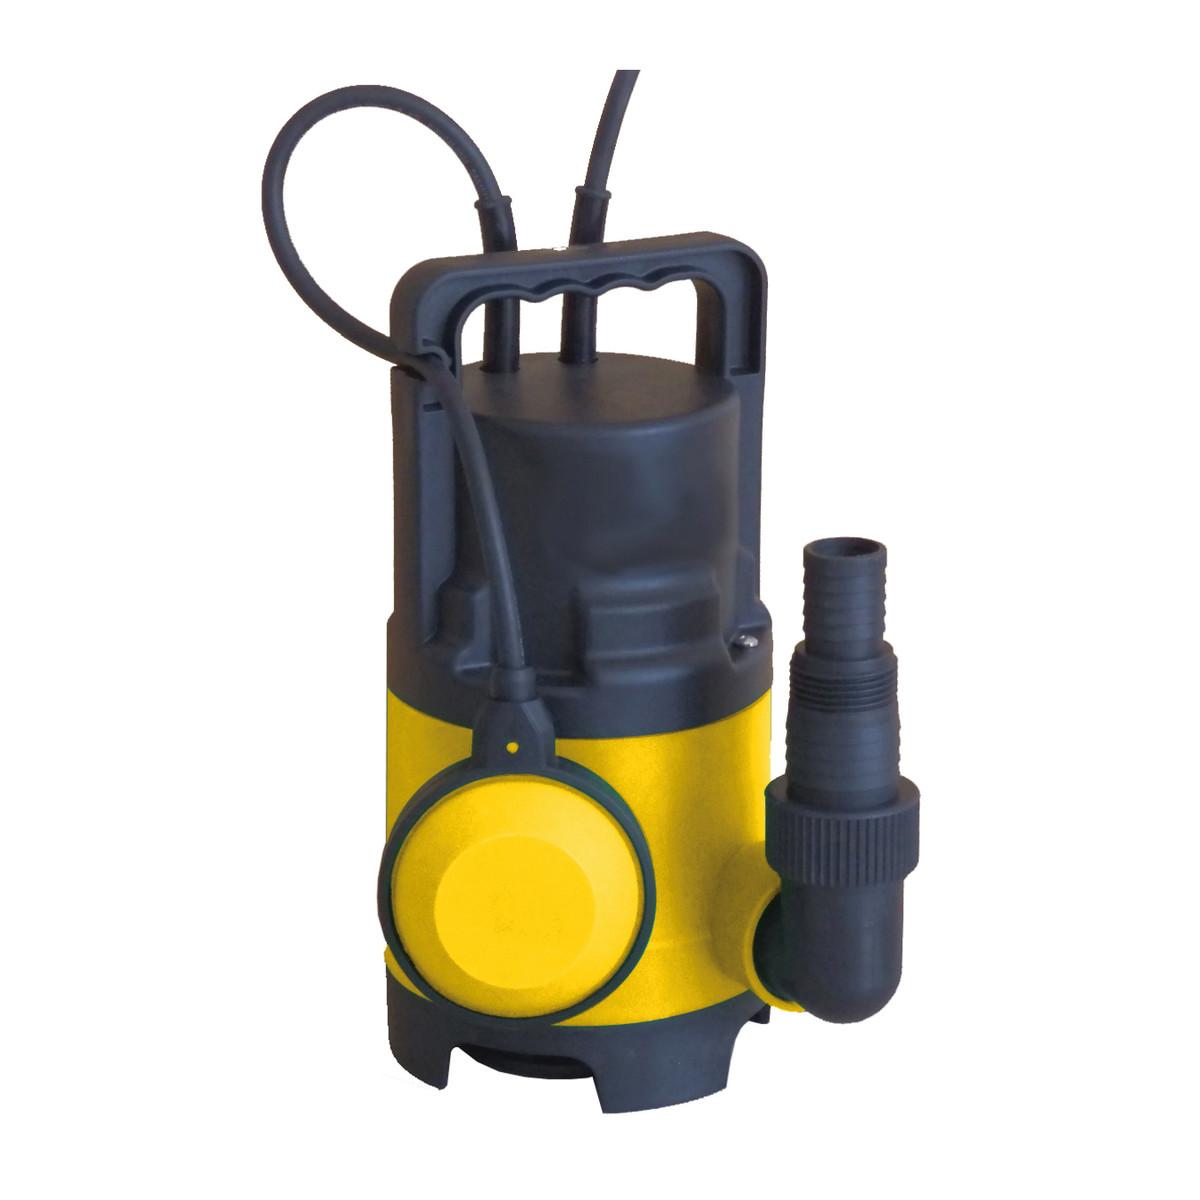 G de pompa sommersa acque sporche gs4002p interruttore for Pompa sommersa leroy merlin